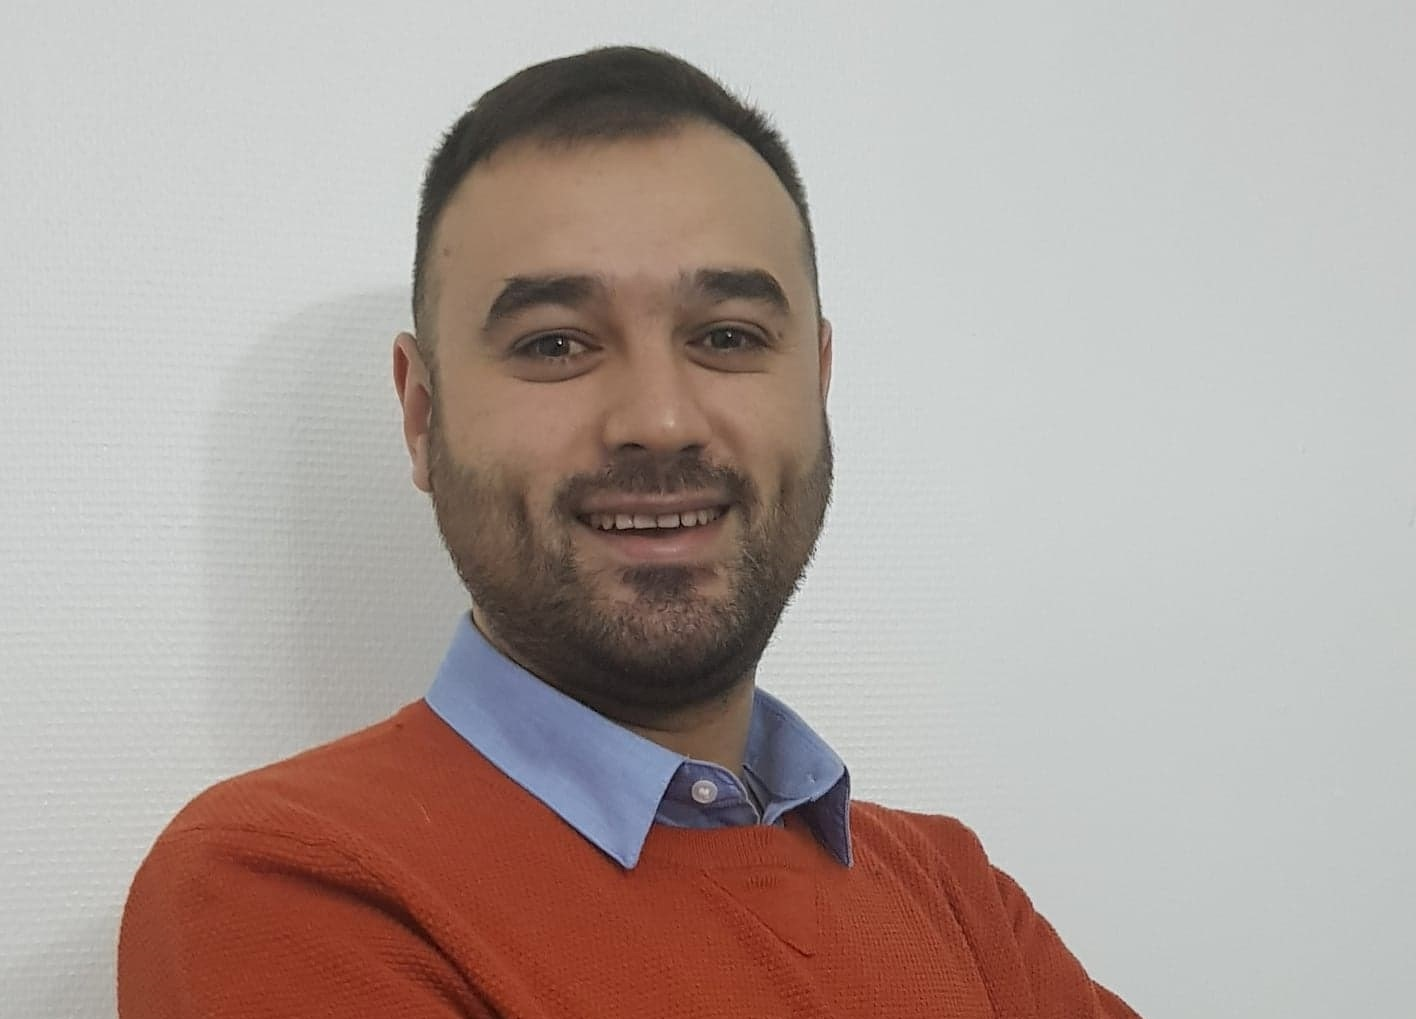 Răzvan Aștefănoaei